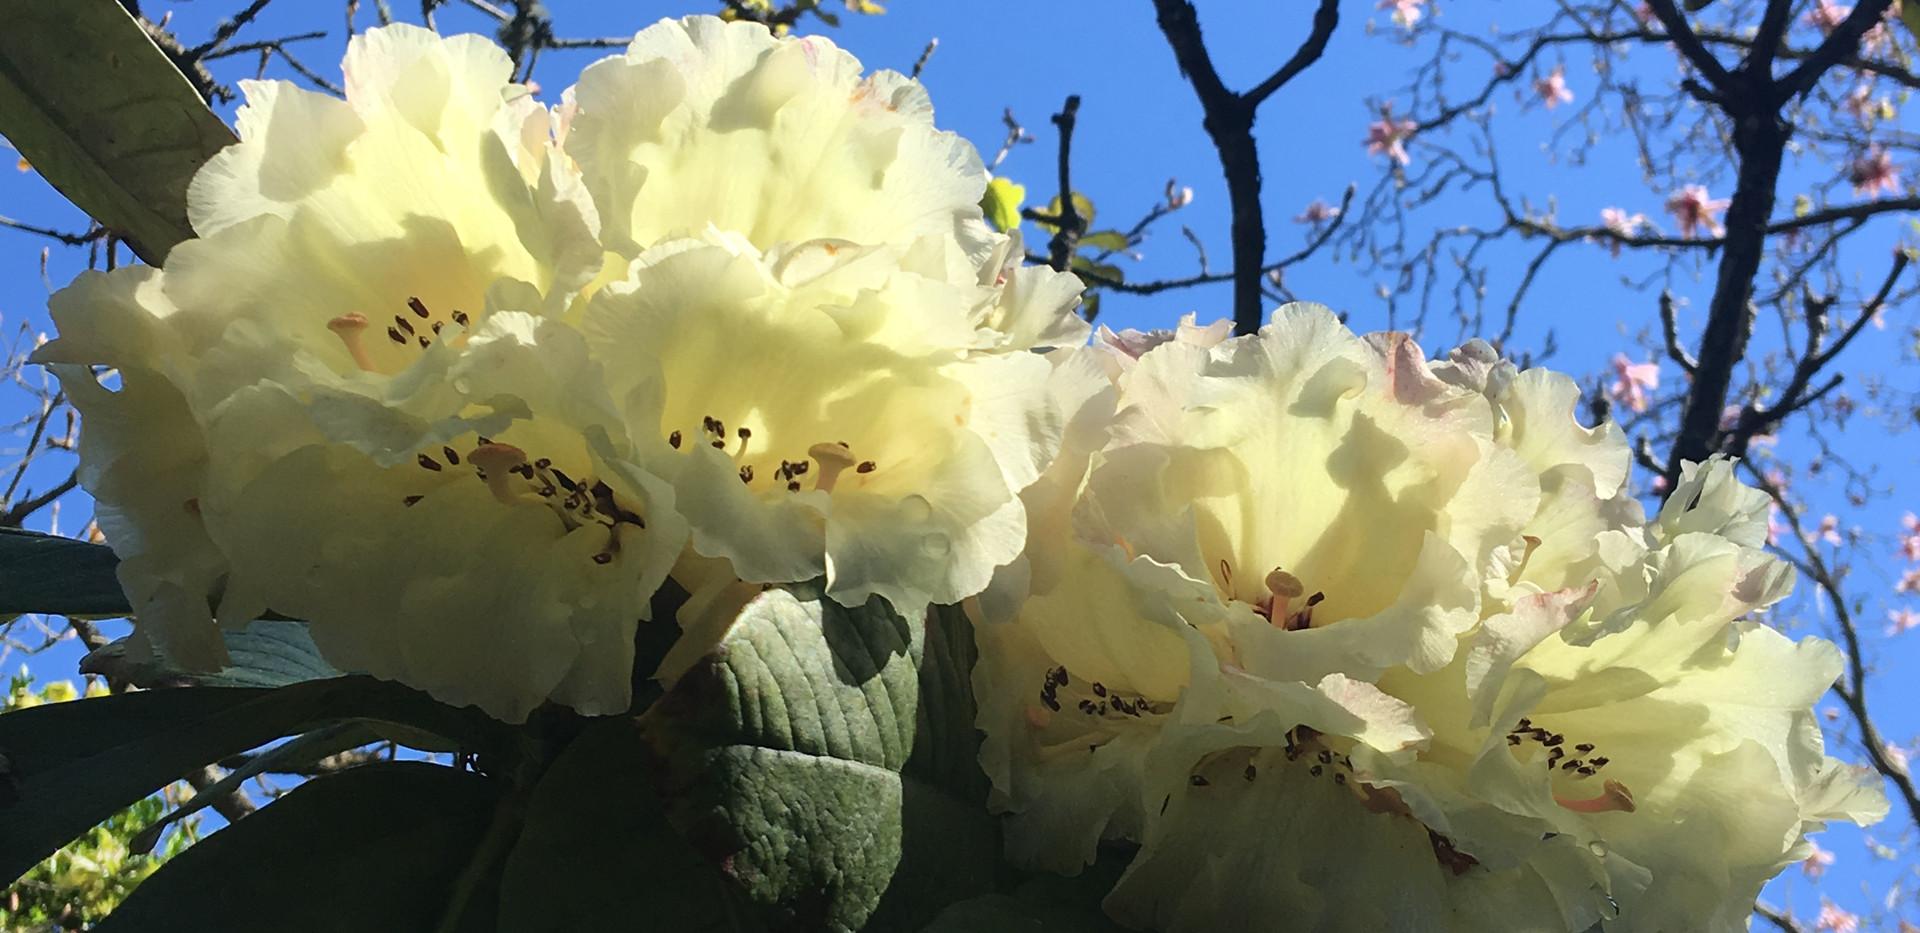 Rhododendron macabeanum flowers